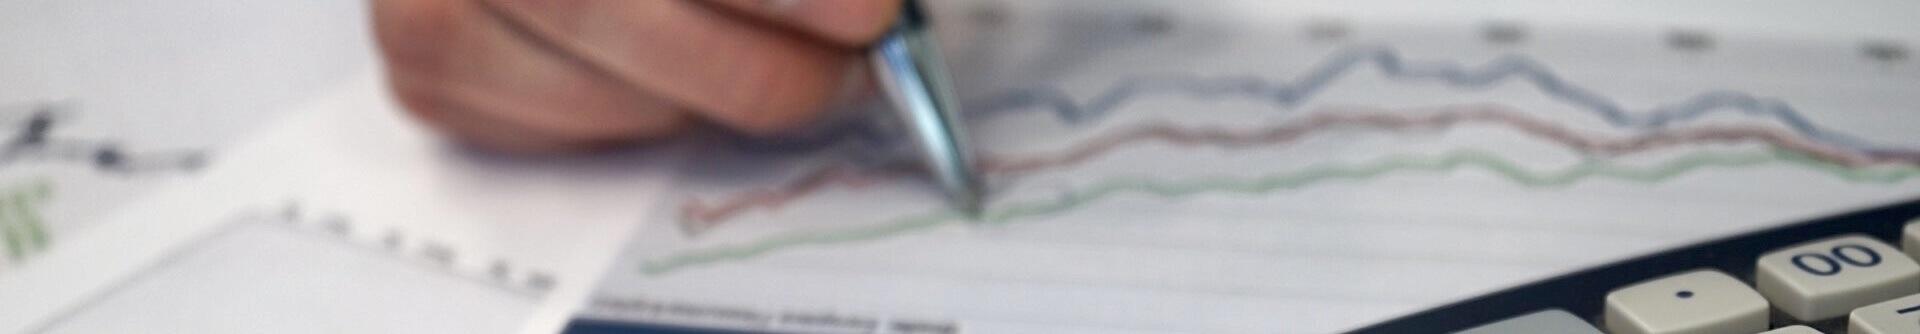 Wie Hoch Ist Die Spekulationssteuer Spekulationssteuer Eigennutzung